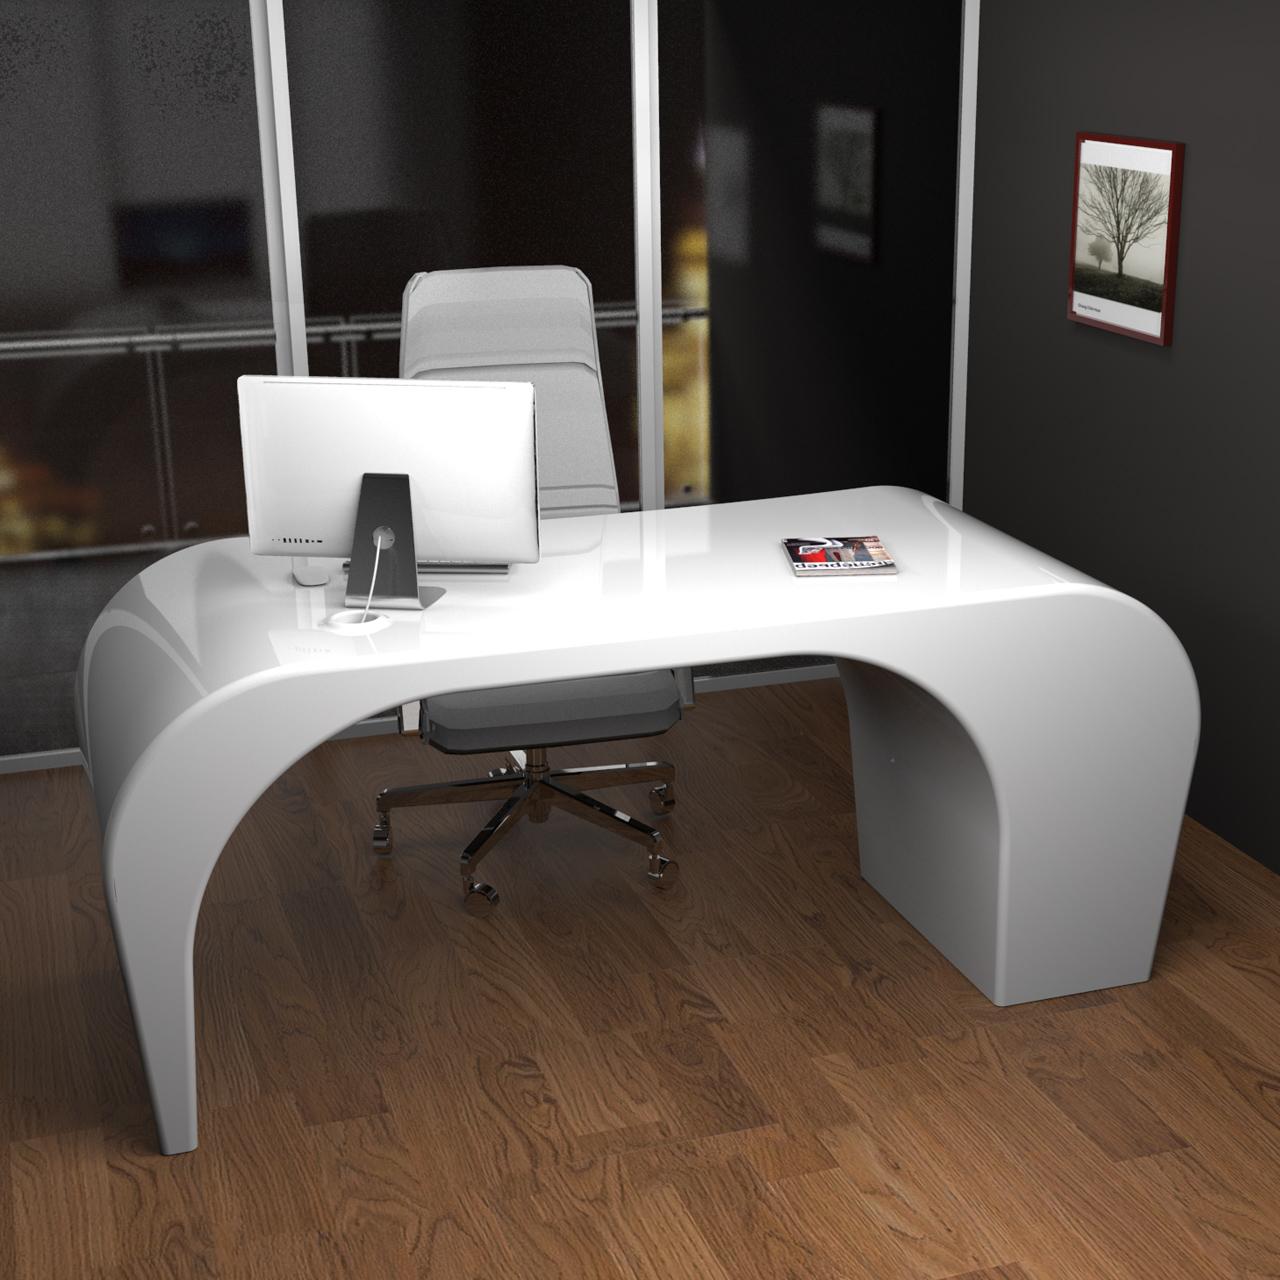 Cozy tavoli e scrivanie zad zone of absolute design for Tavoli e scrivanie